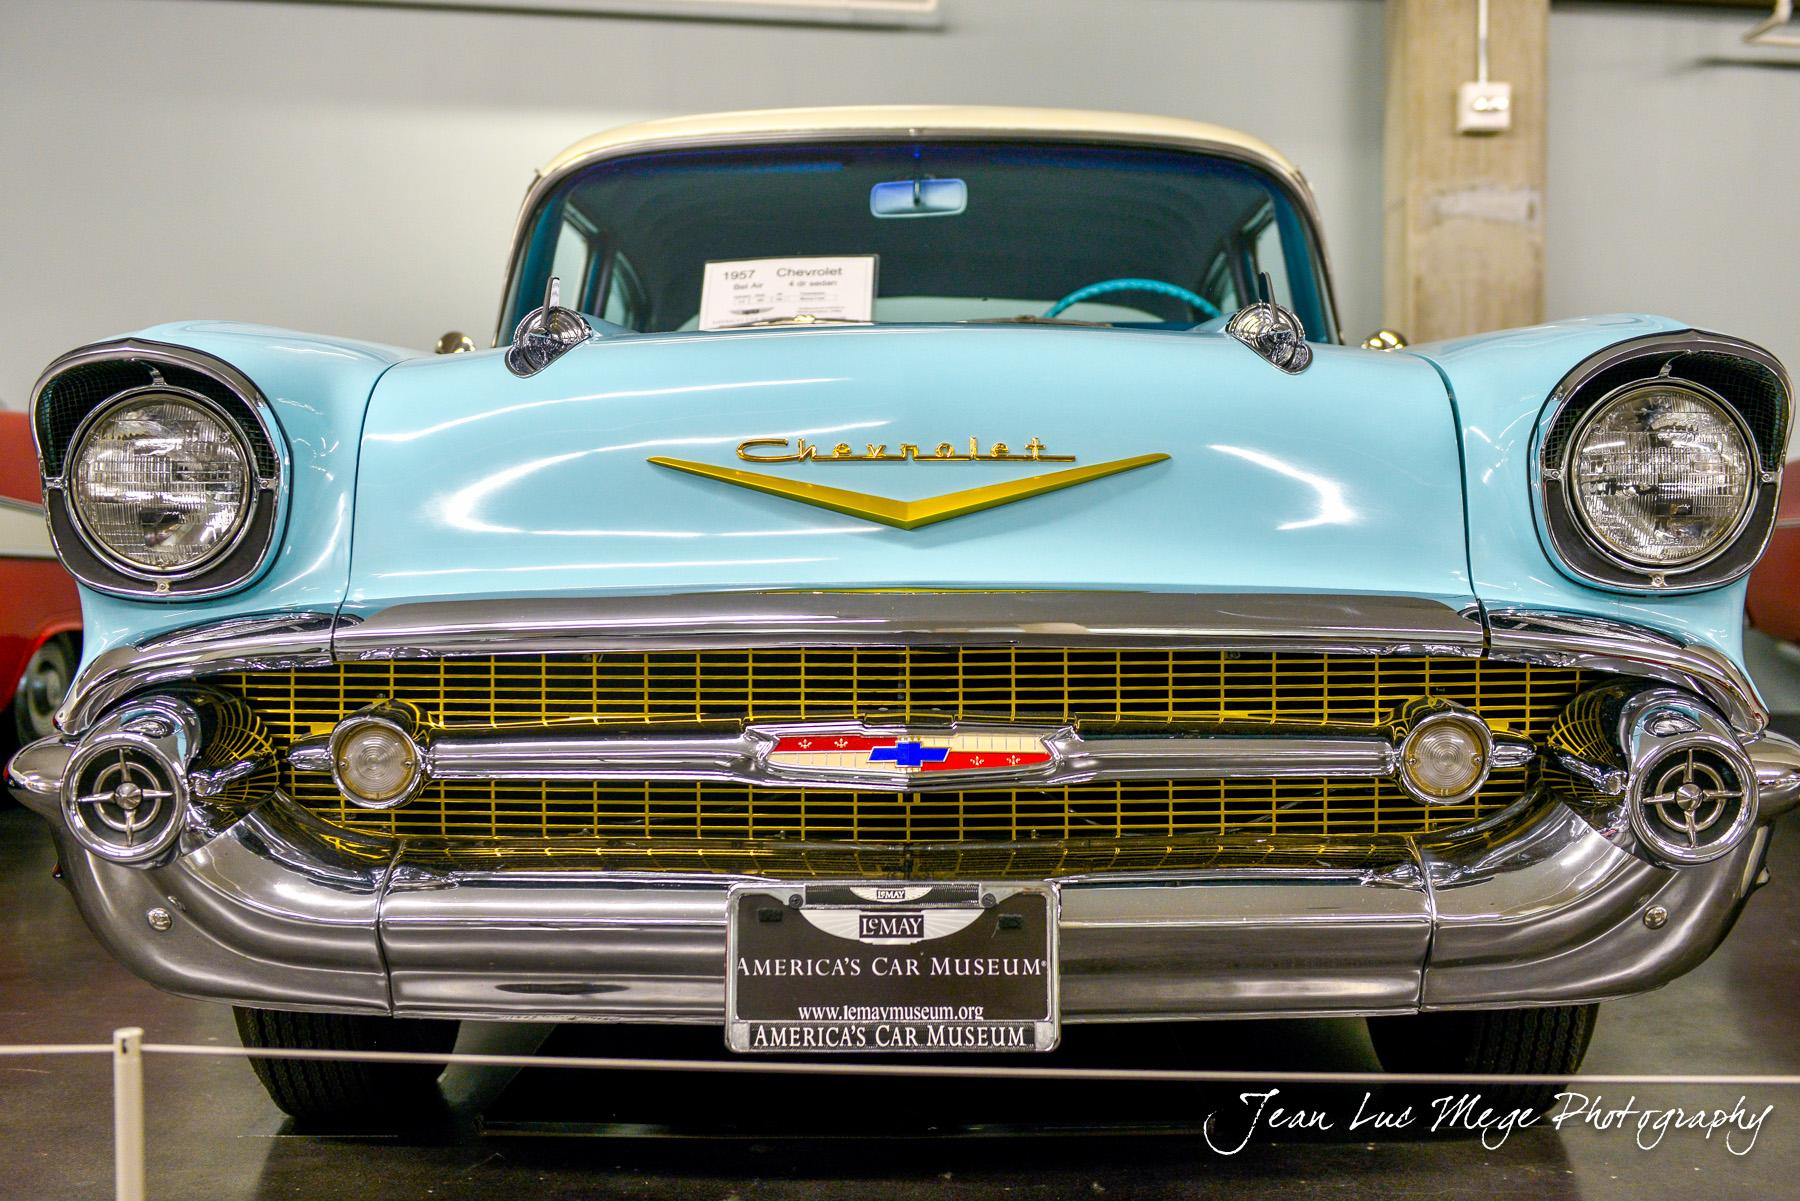 LeMay Car Museum-8577.jpg